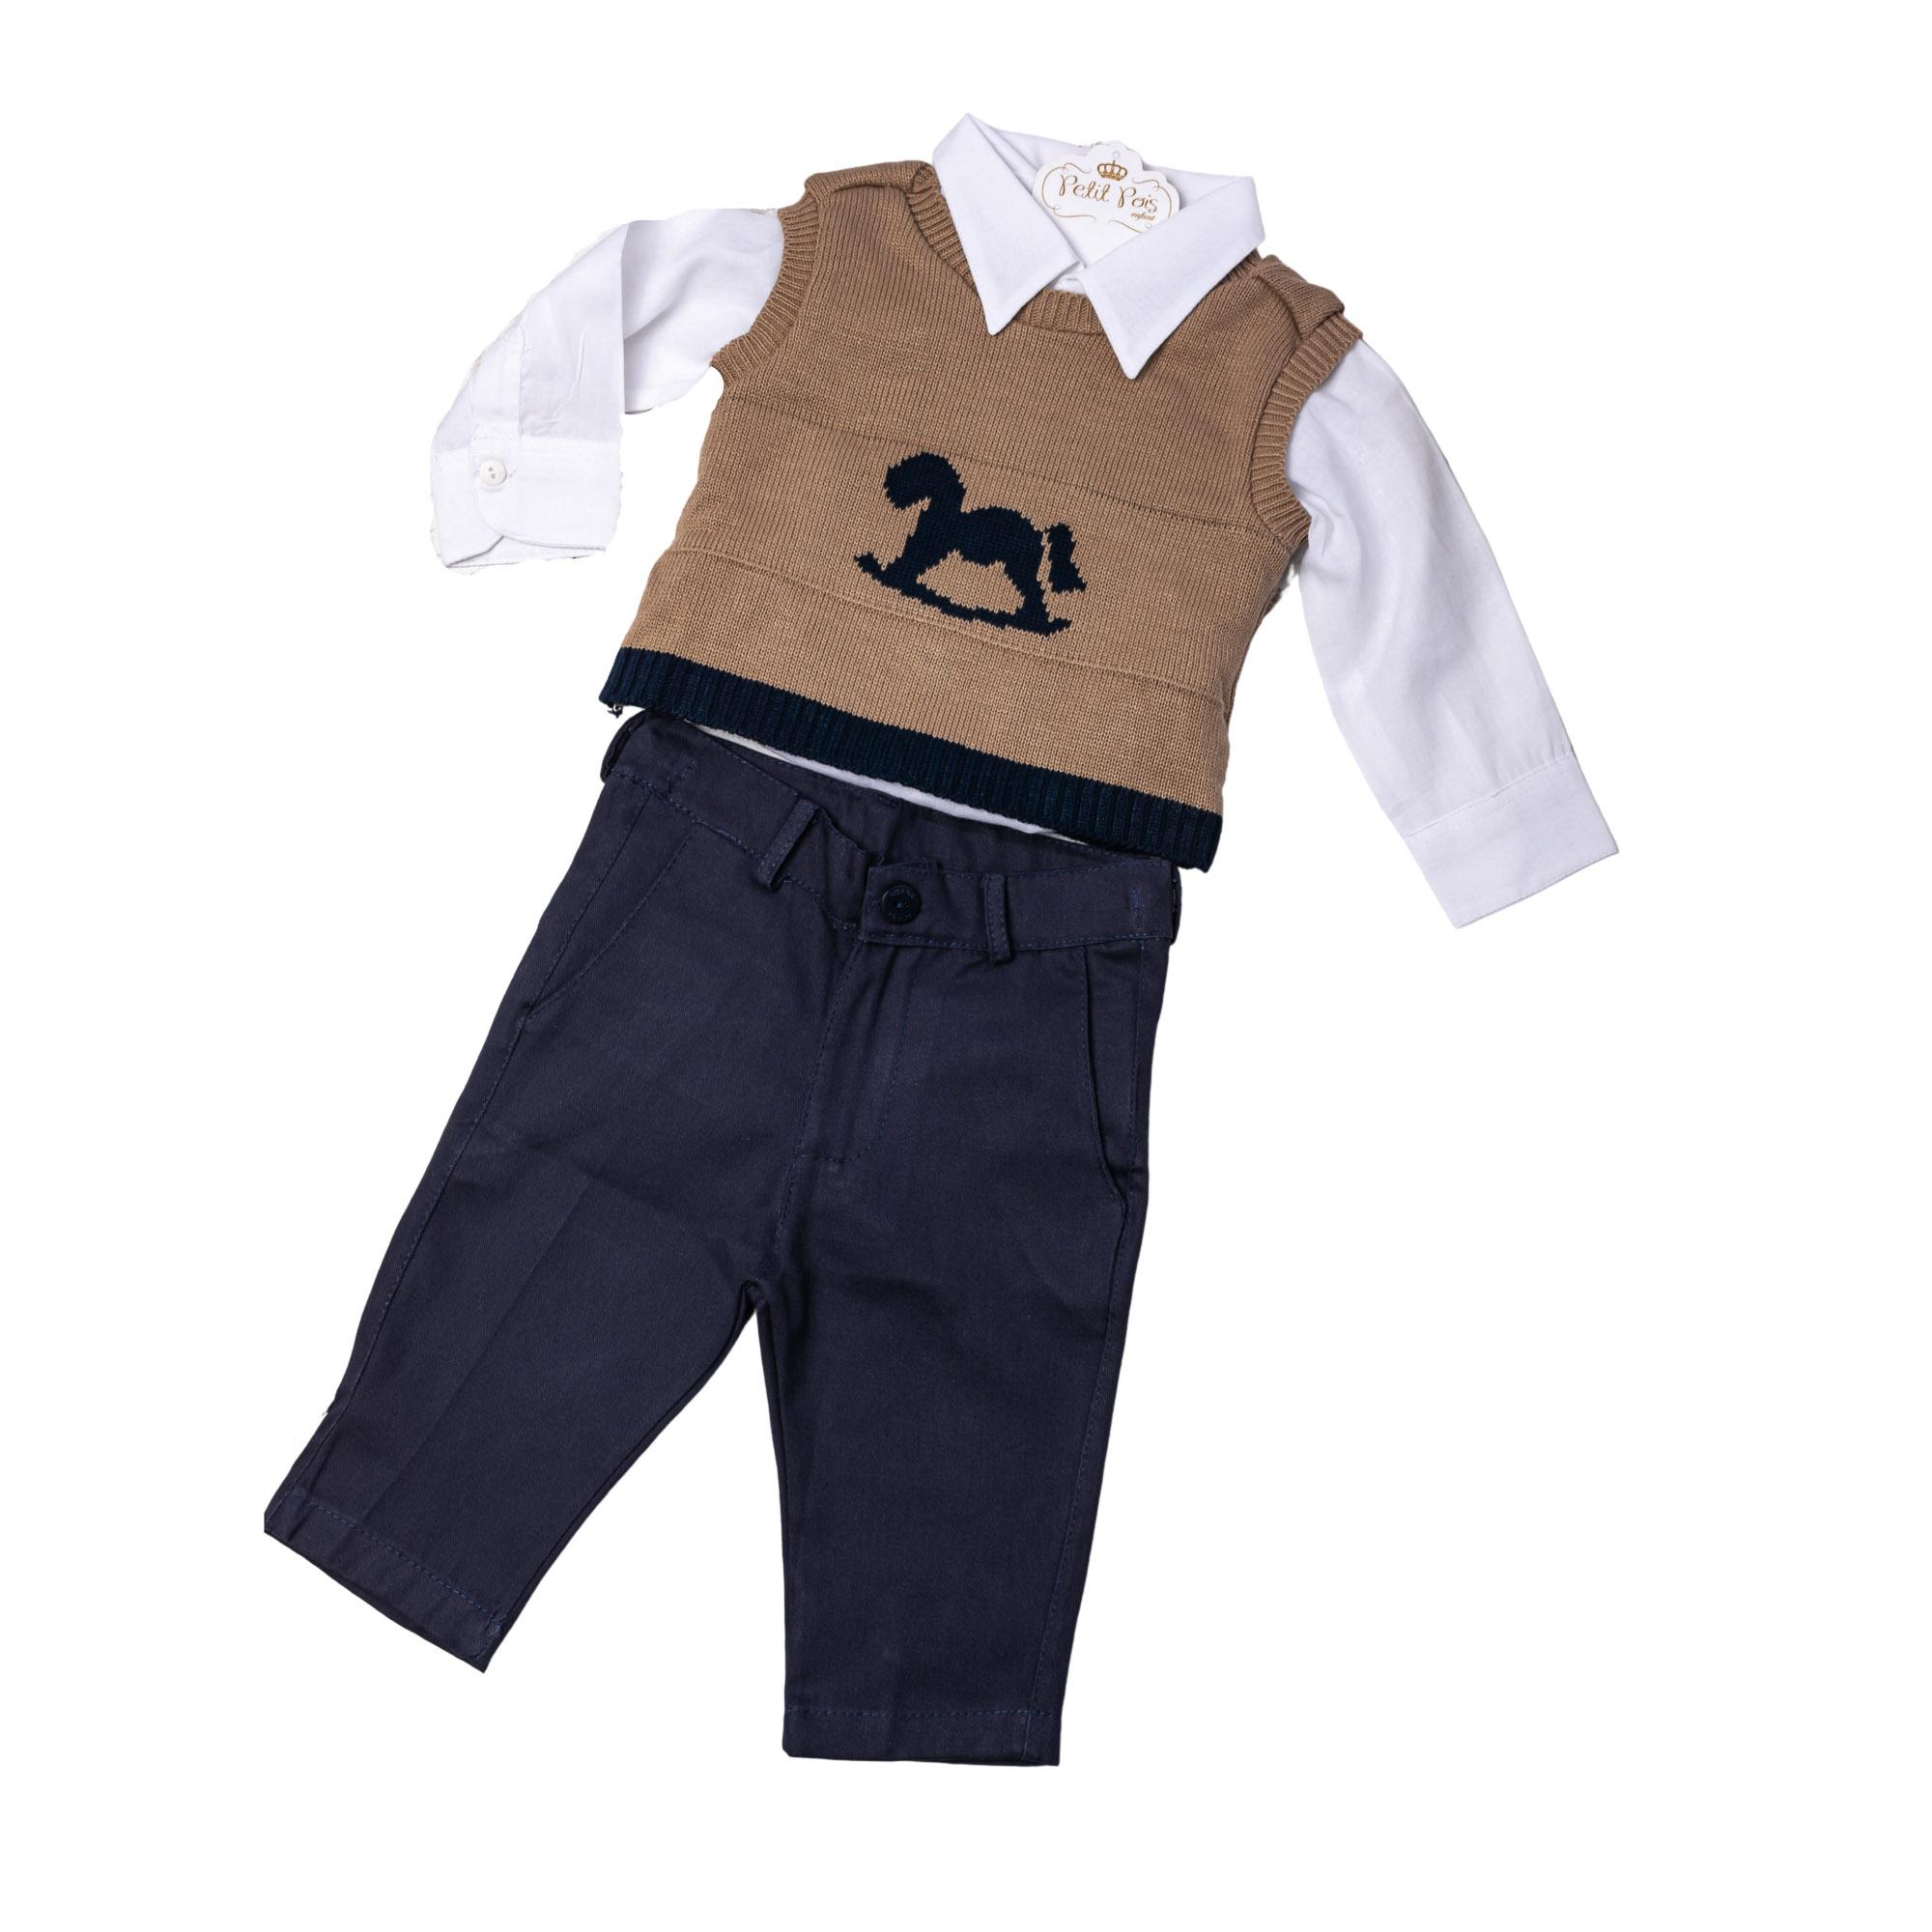 Conjunto bebê com pullover cavalo - Branco, bege e azul marinho